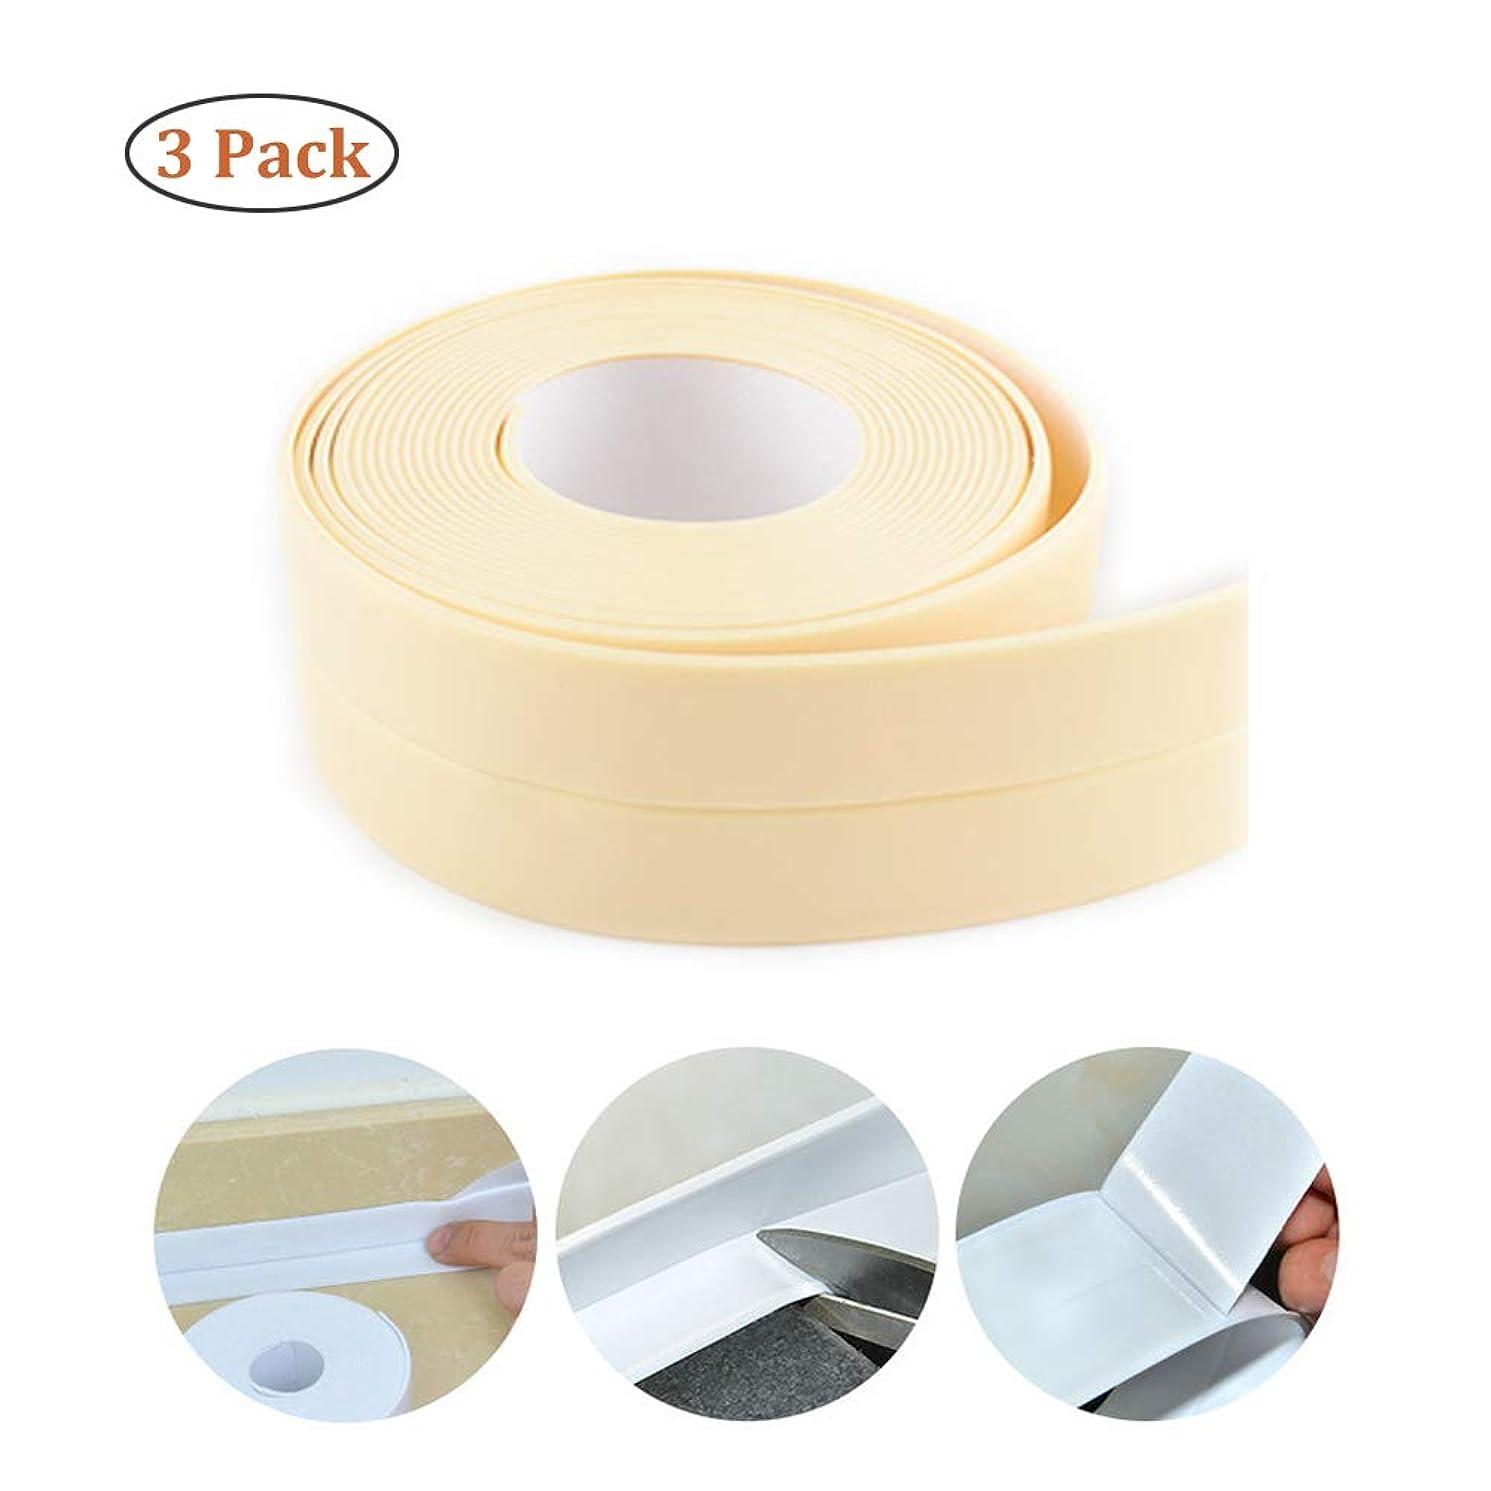 Caulk Strip PE Self Adhesive Tape Waterproof for Kitchen, Bathtub, Toilet, Bathroom, Shower, Sink Sealing 3 Pack (Beige)